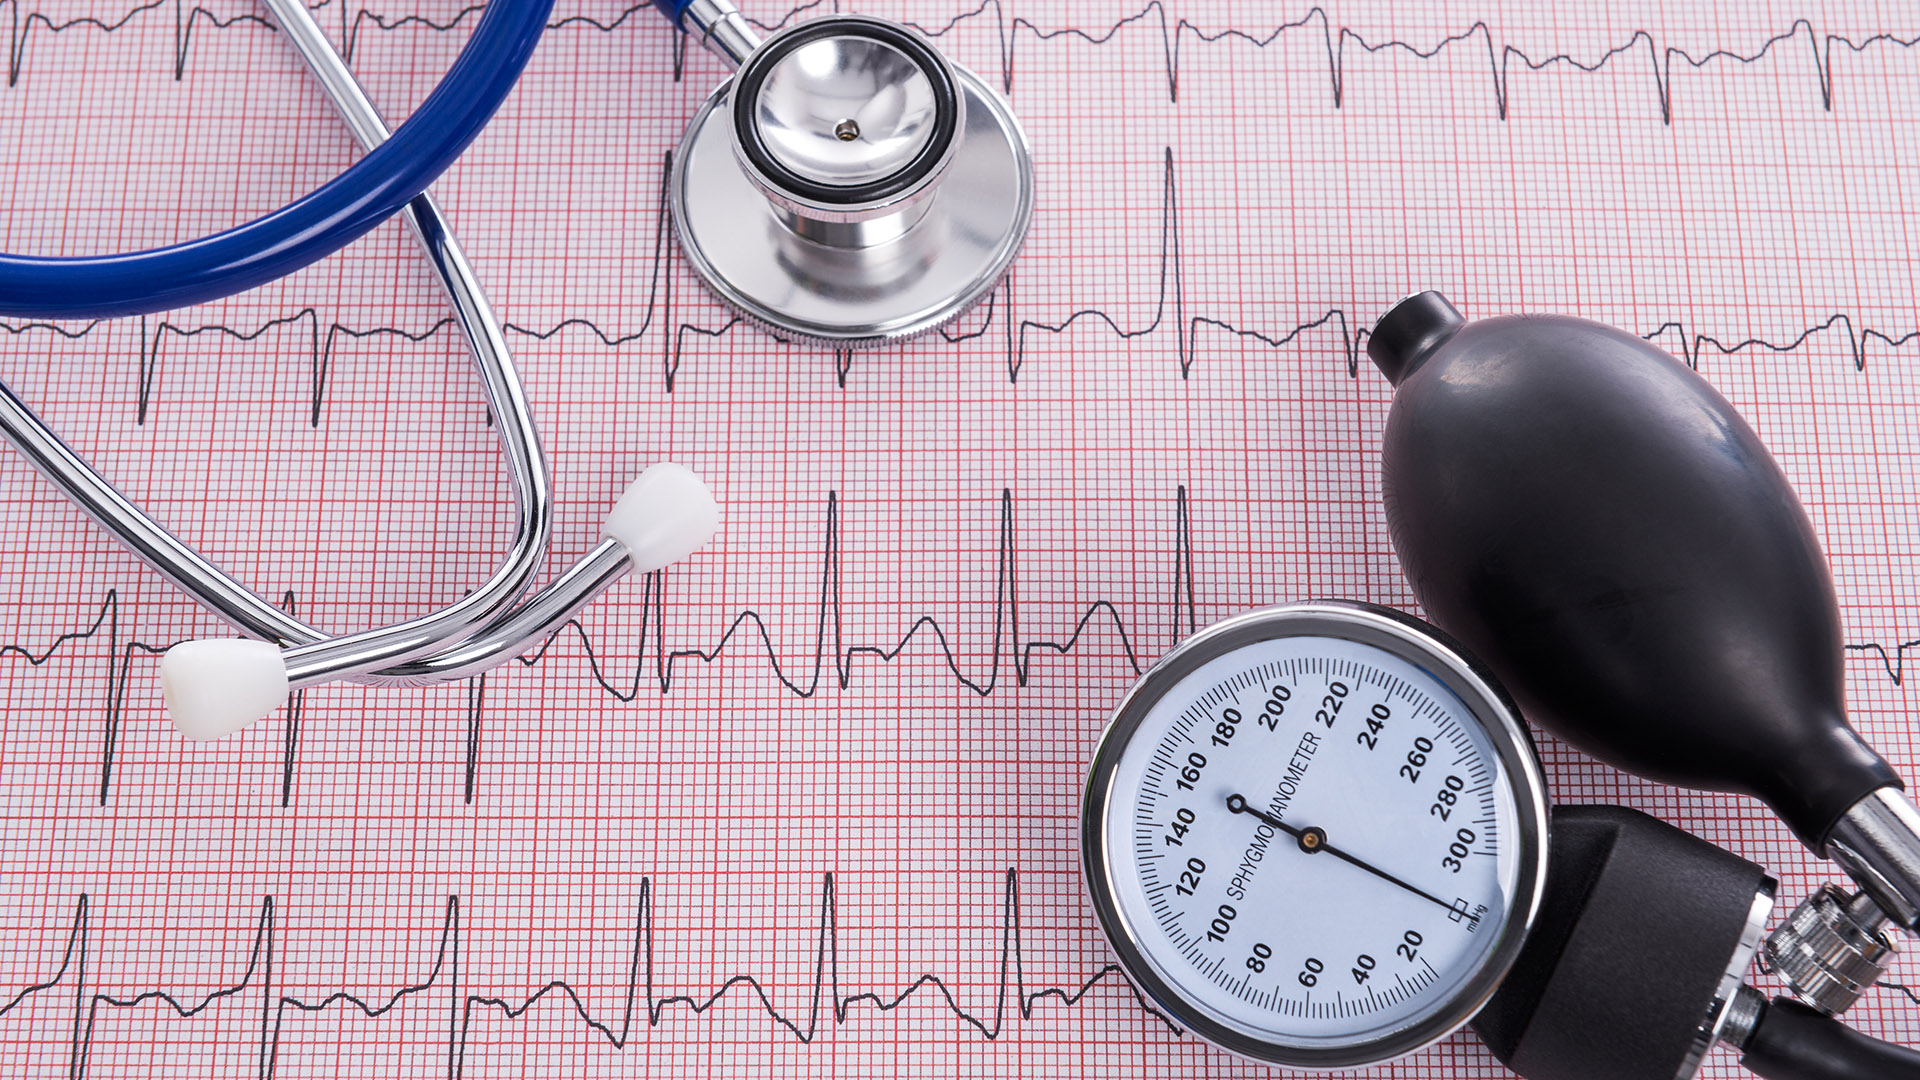 Las enfermedades cardiovasculares son la primera causa de muerte en el mundo. Díaz creó la Fundación ECLA para realizar estudios clínicos poblacionales con la identidad de los pacientes argentinos y para responder preguntas académicas simples. Son estudios costosos y trascendentes a la vez. (Getty)